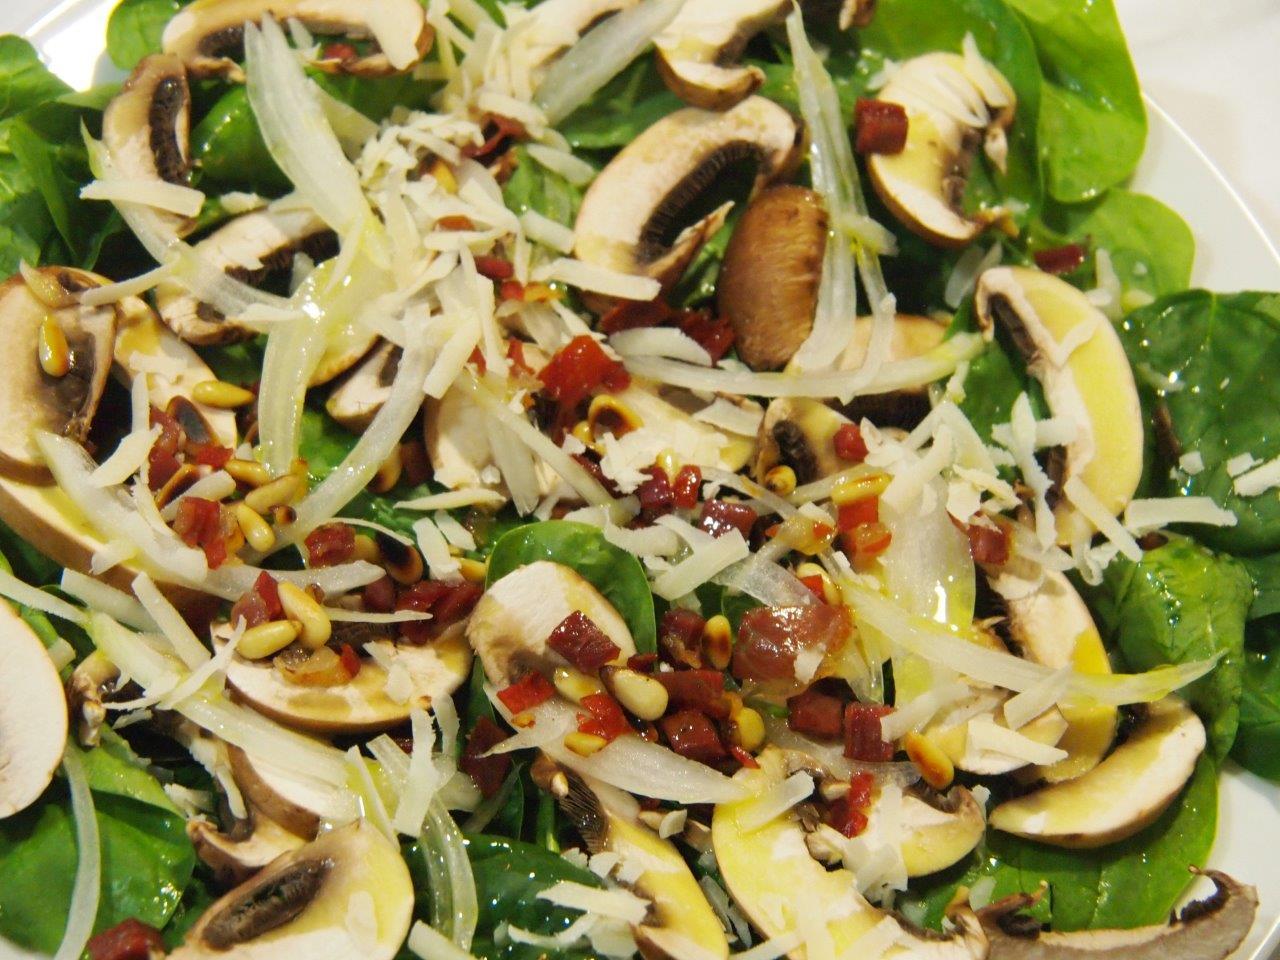 ensalada de espinacas y champi ones cocina sin carn rh cocinasincarne es